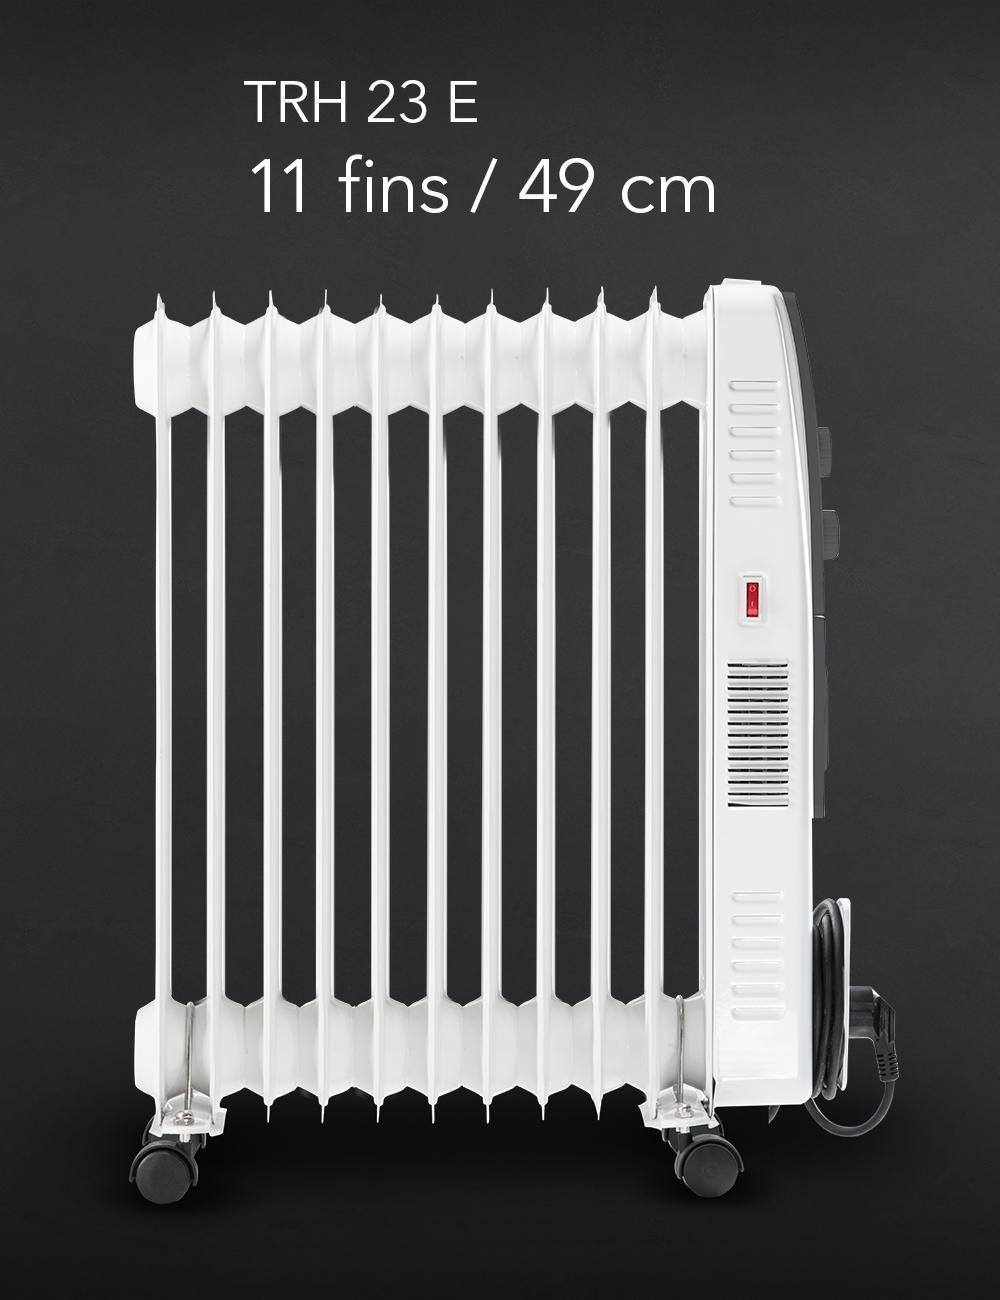 TROTEC TRH 25 E Radiatore a olio 3 livelli di riscaldamento 2.500 W di potenza calorifica Radiatore a 11 costole 8 min di tempo di riscaldamento Timer Telecomando IR